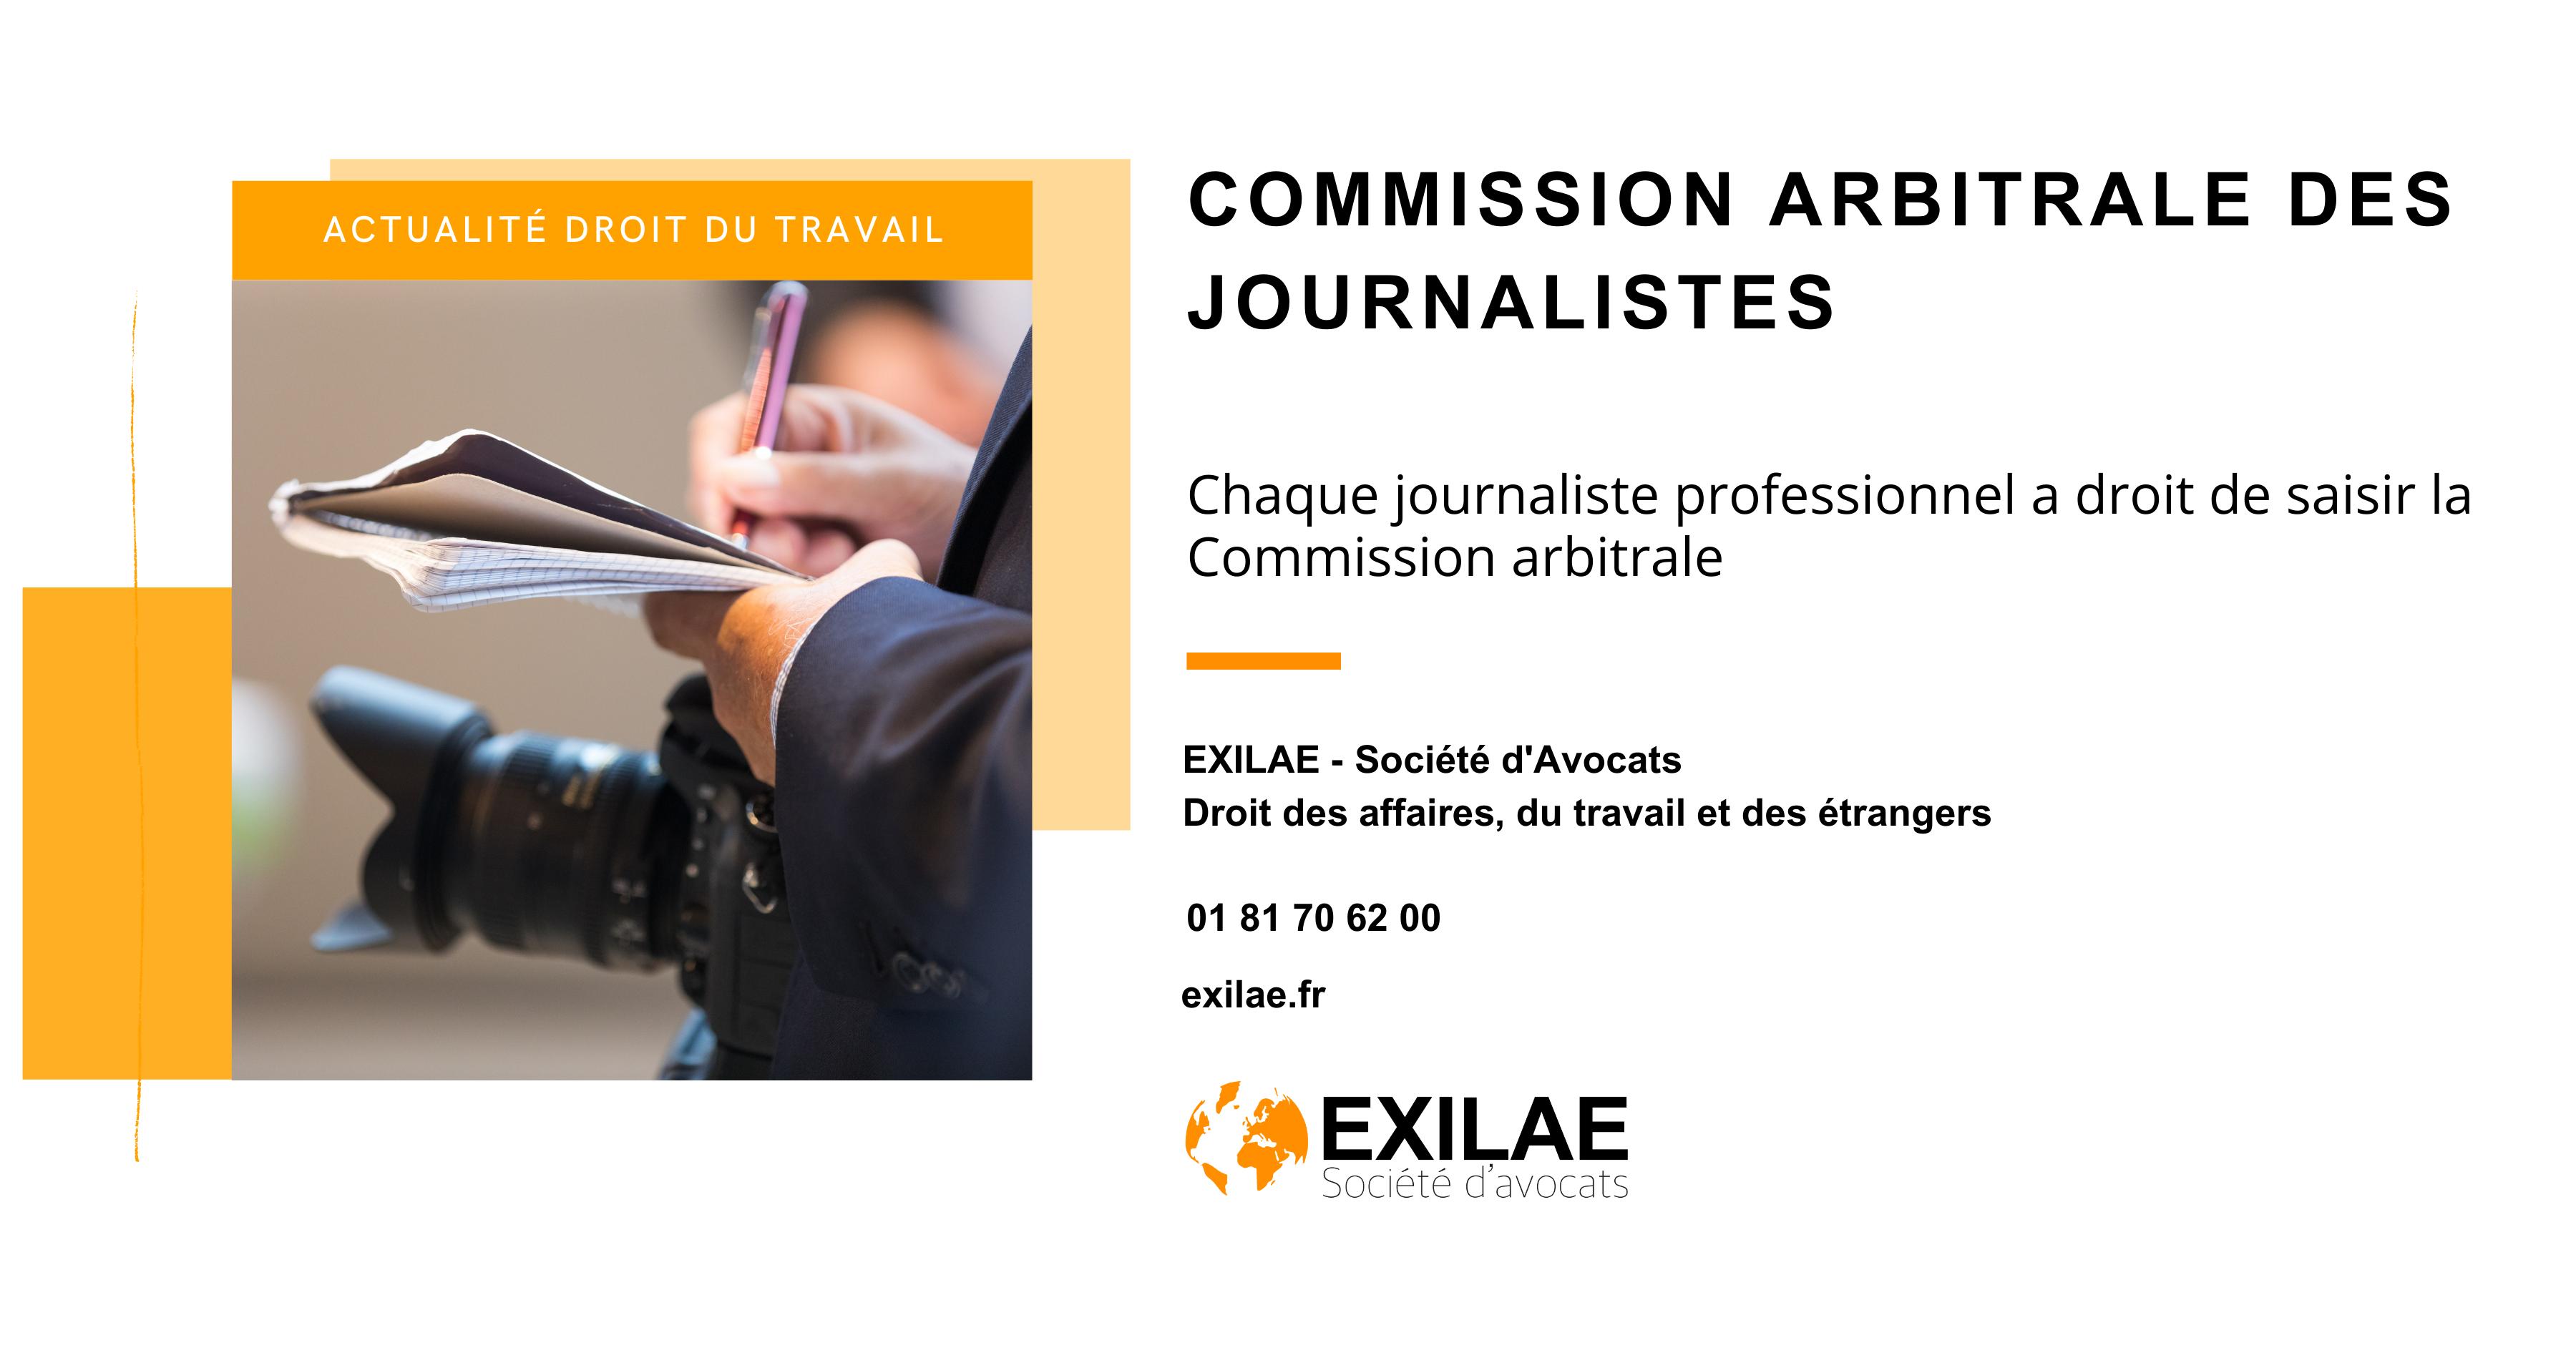 Chaque journaliste professionnel a droit de saisir la Commission arbitrale